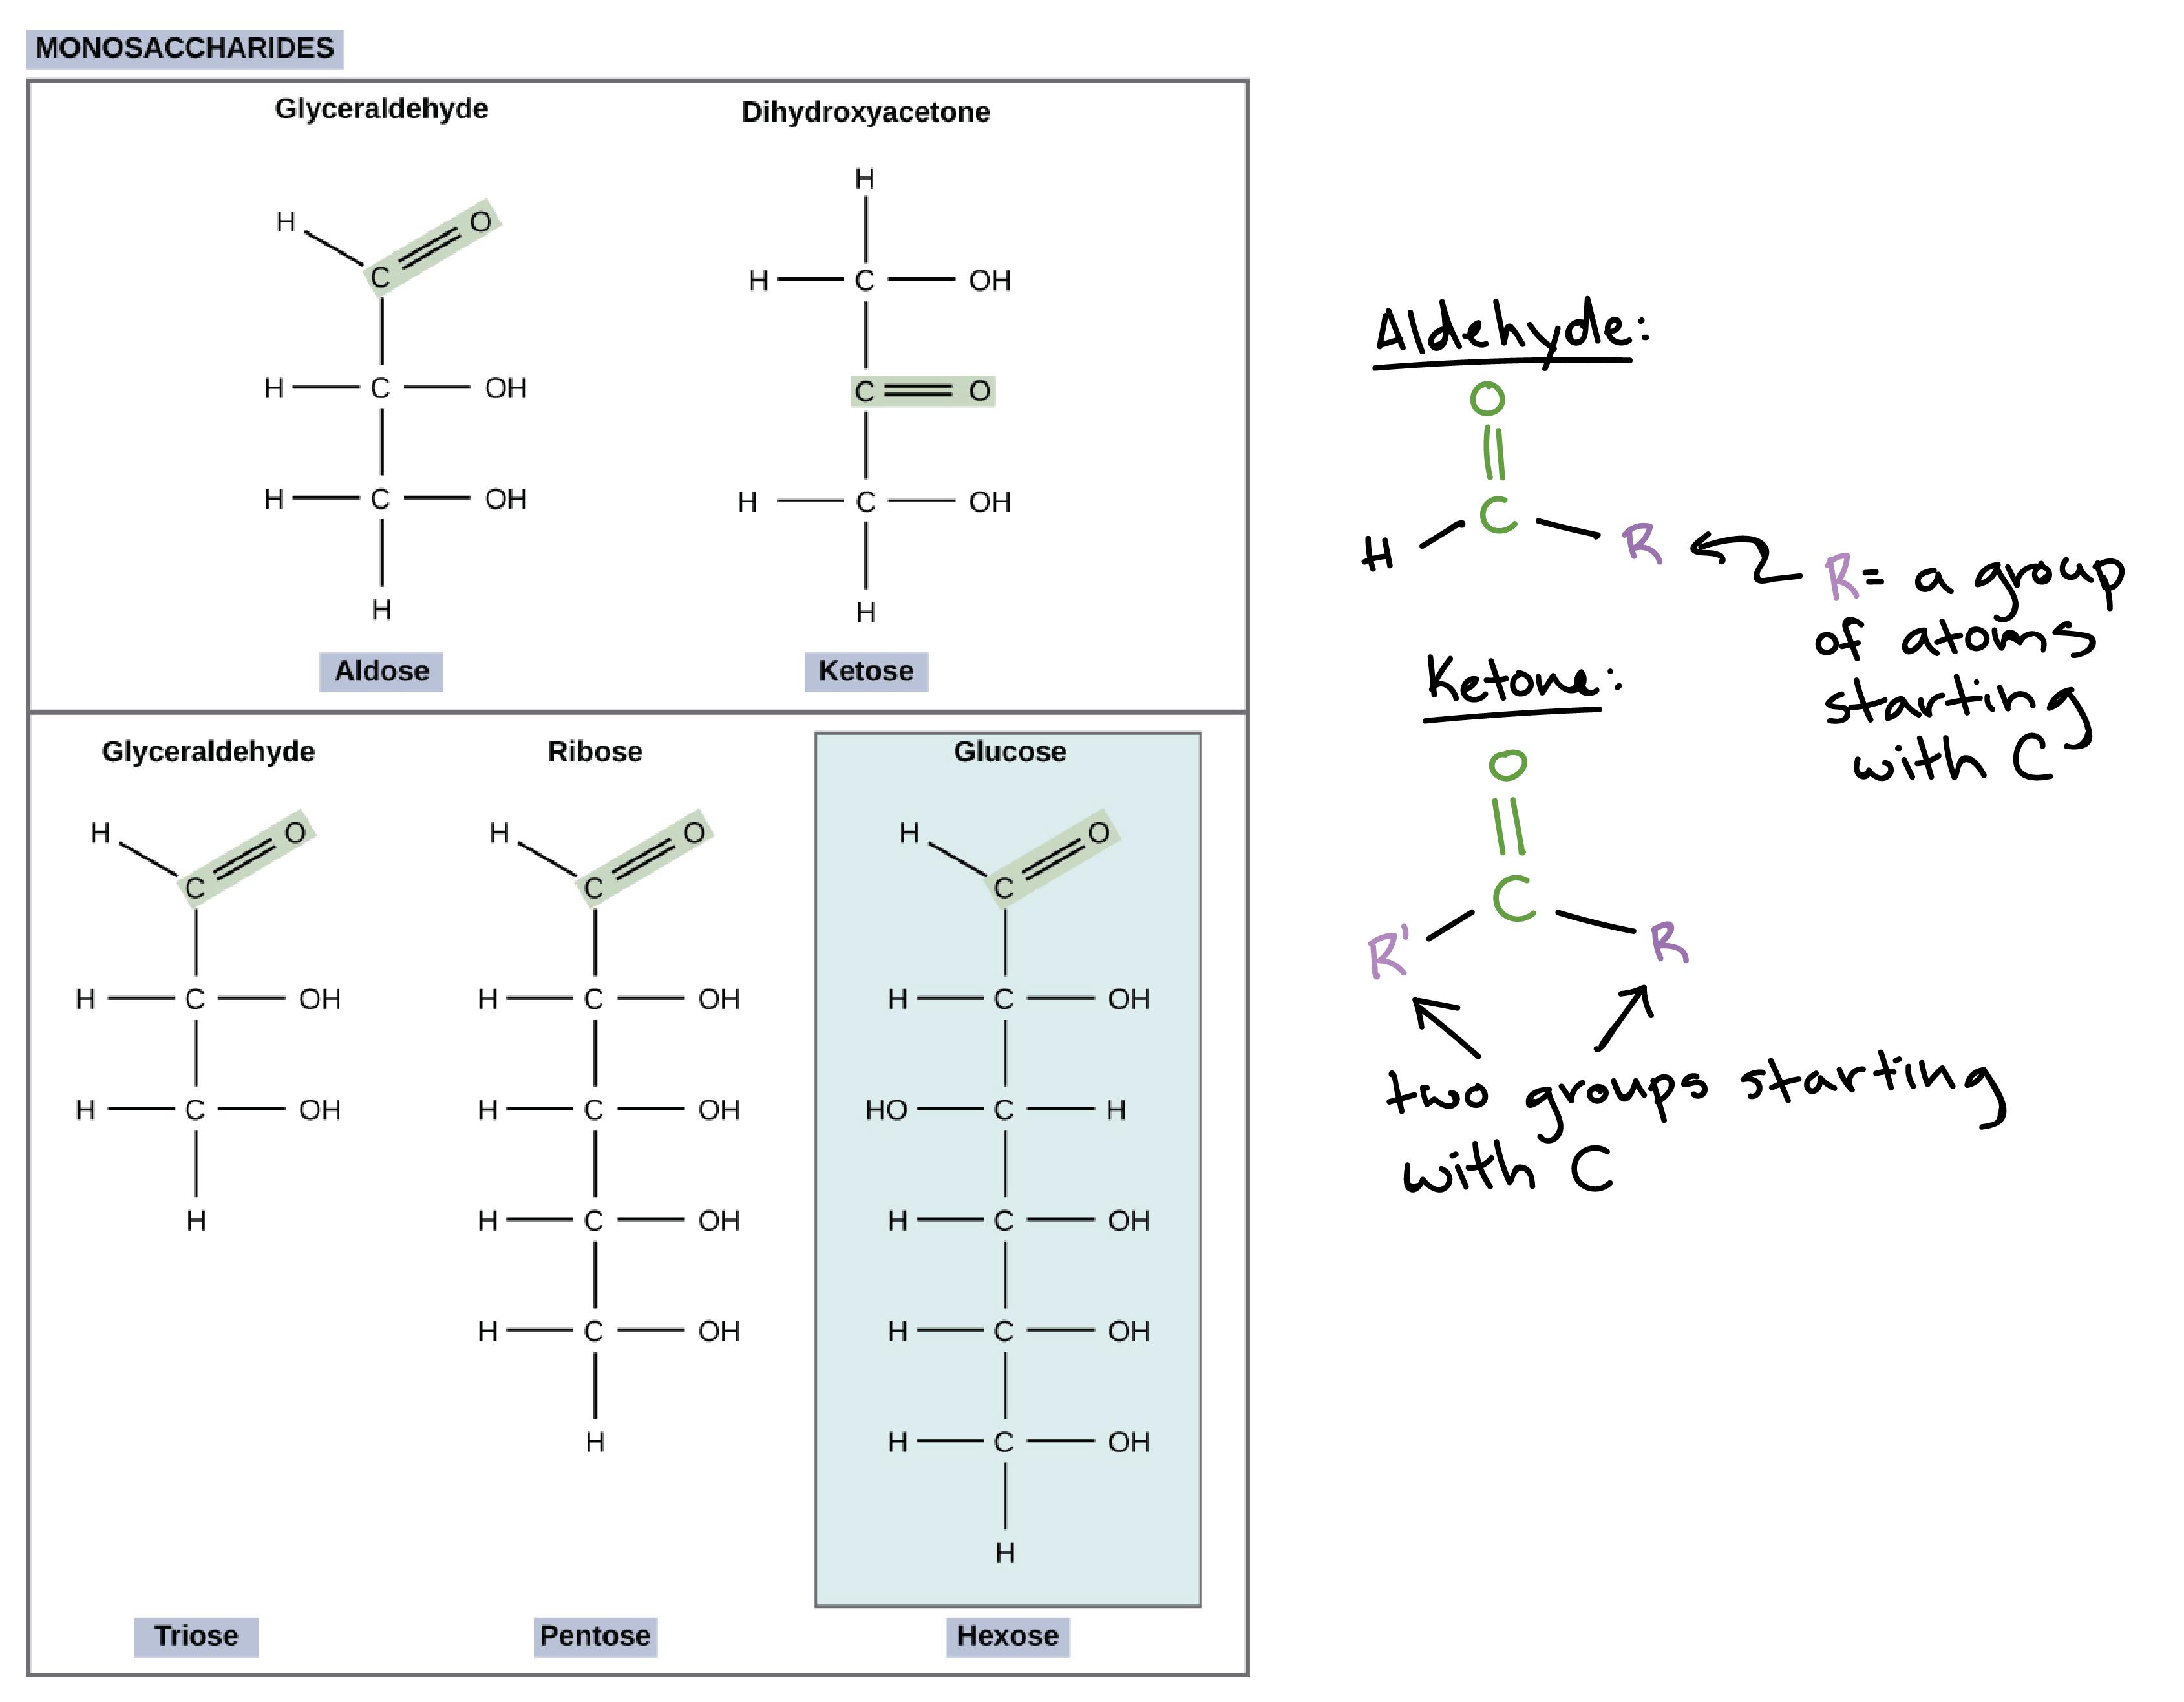 Macromolecule Comparison Table Worksheet